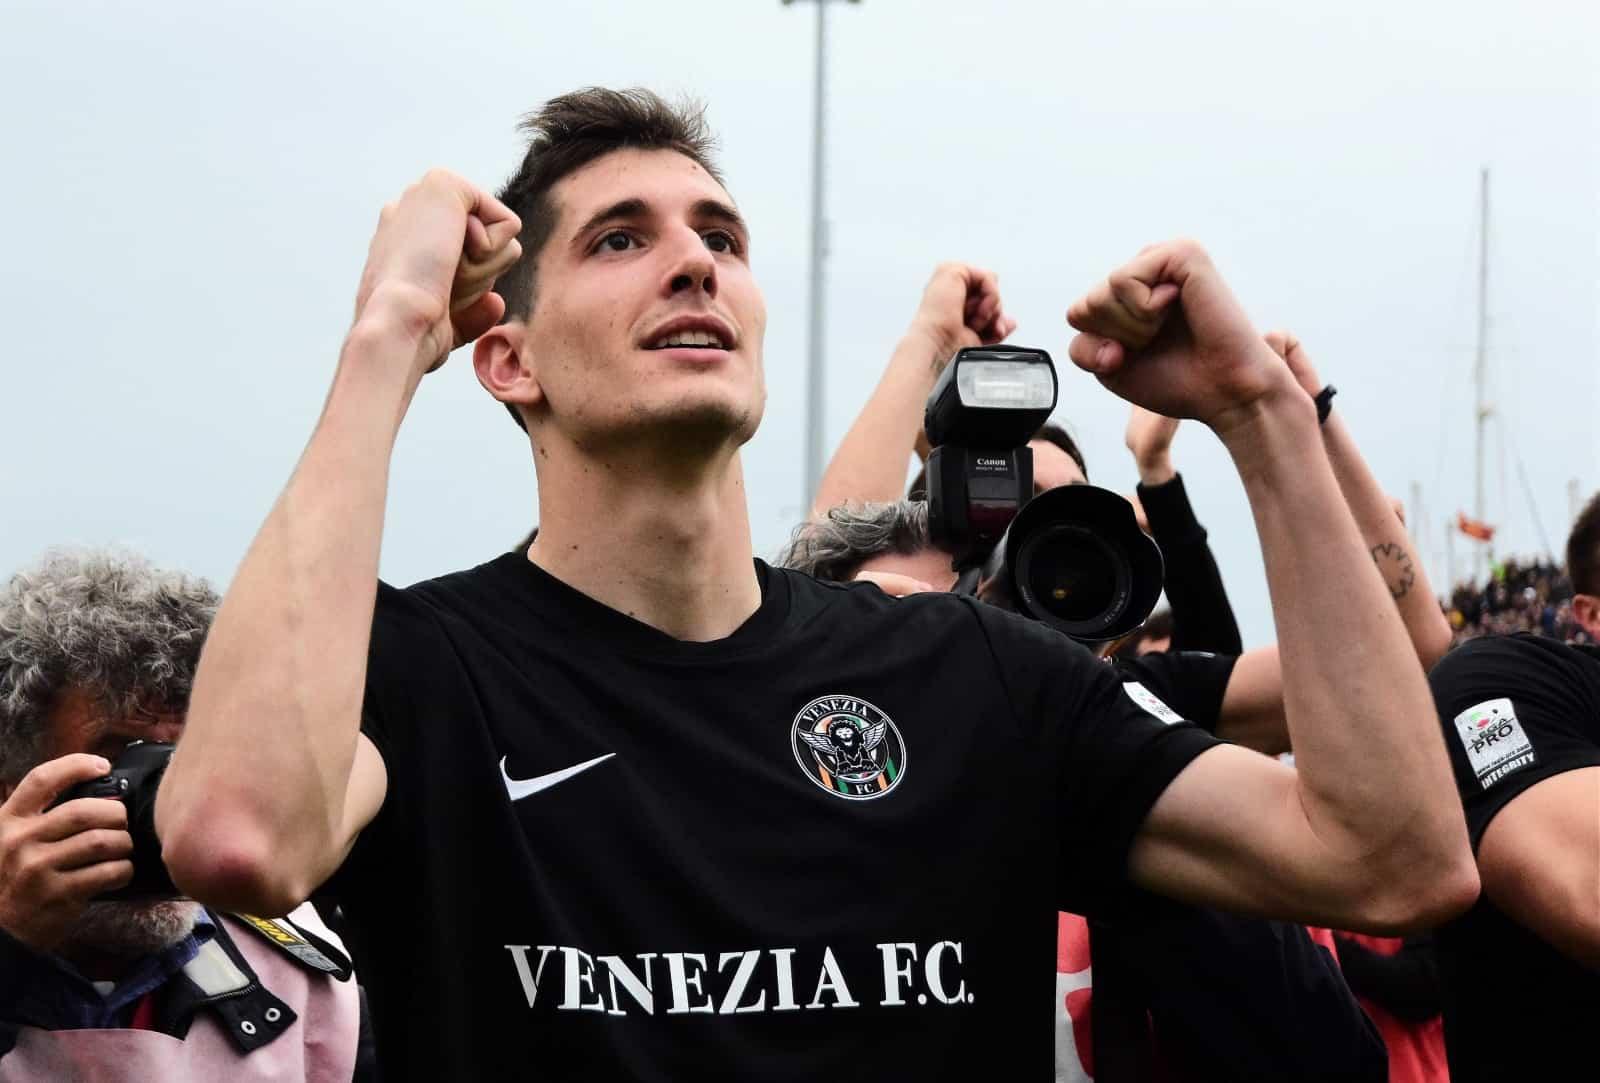 Venezia fc team match